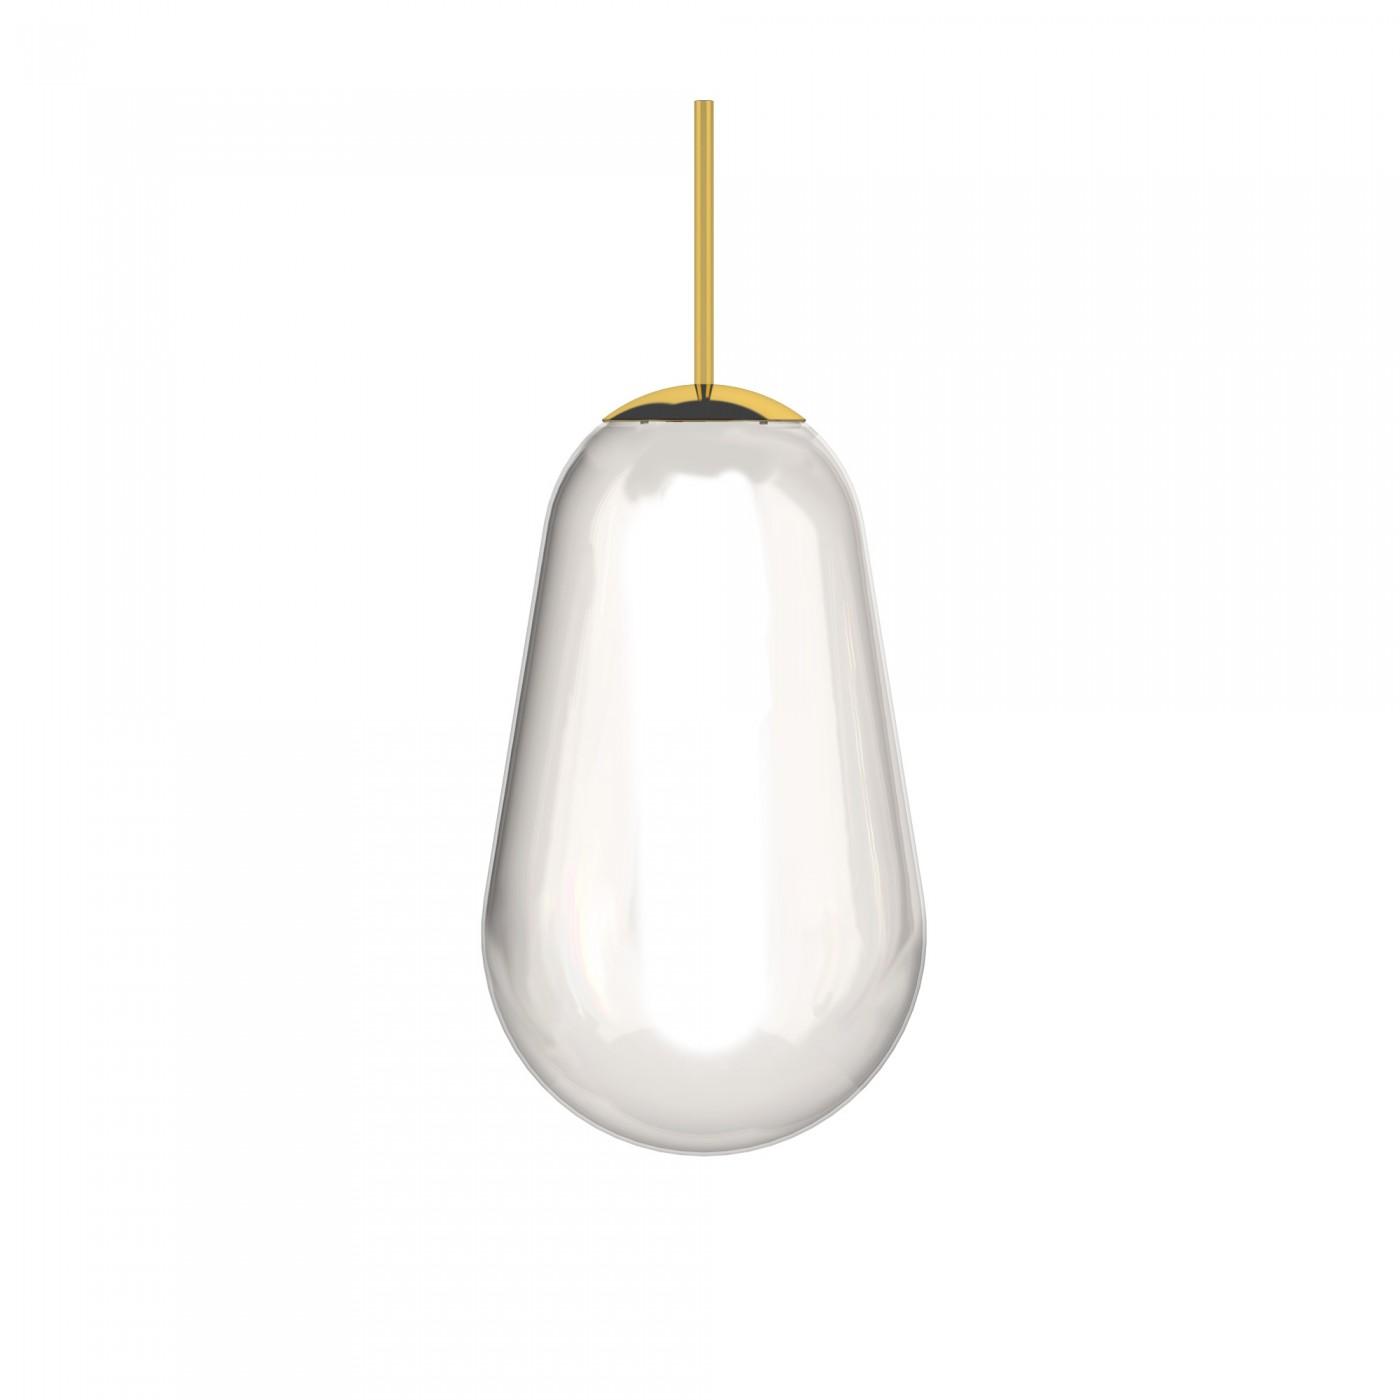 CAMELEON PEAR M TR/G 8533 Nowodvorski Lighting